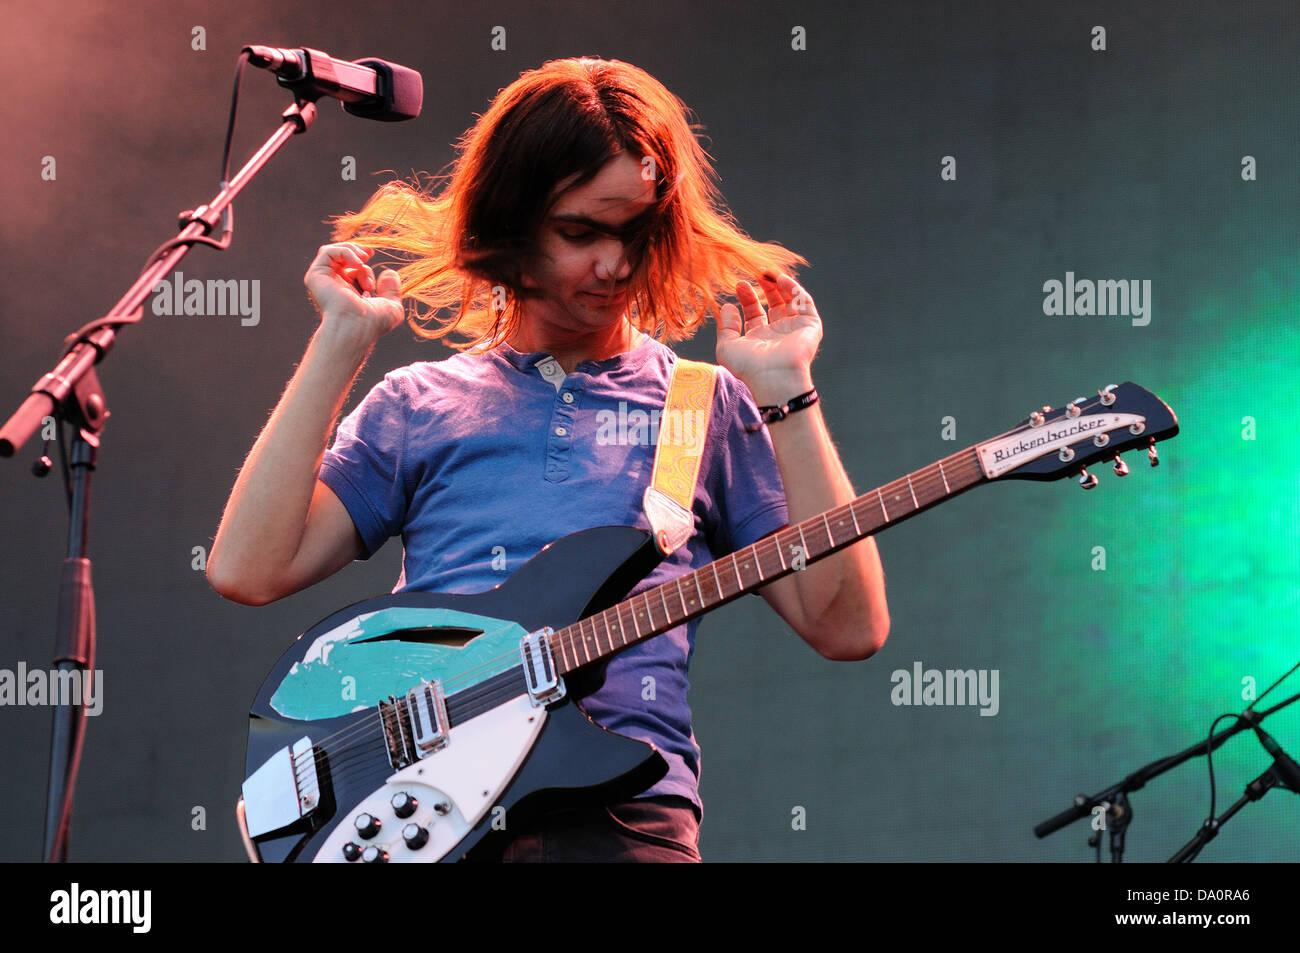 Barcellona - 23 Maggio: Kevin Parker, cantante e chitarrista di Tame Impala, rock psichedelico band, esegue a primavera Immagini Stock